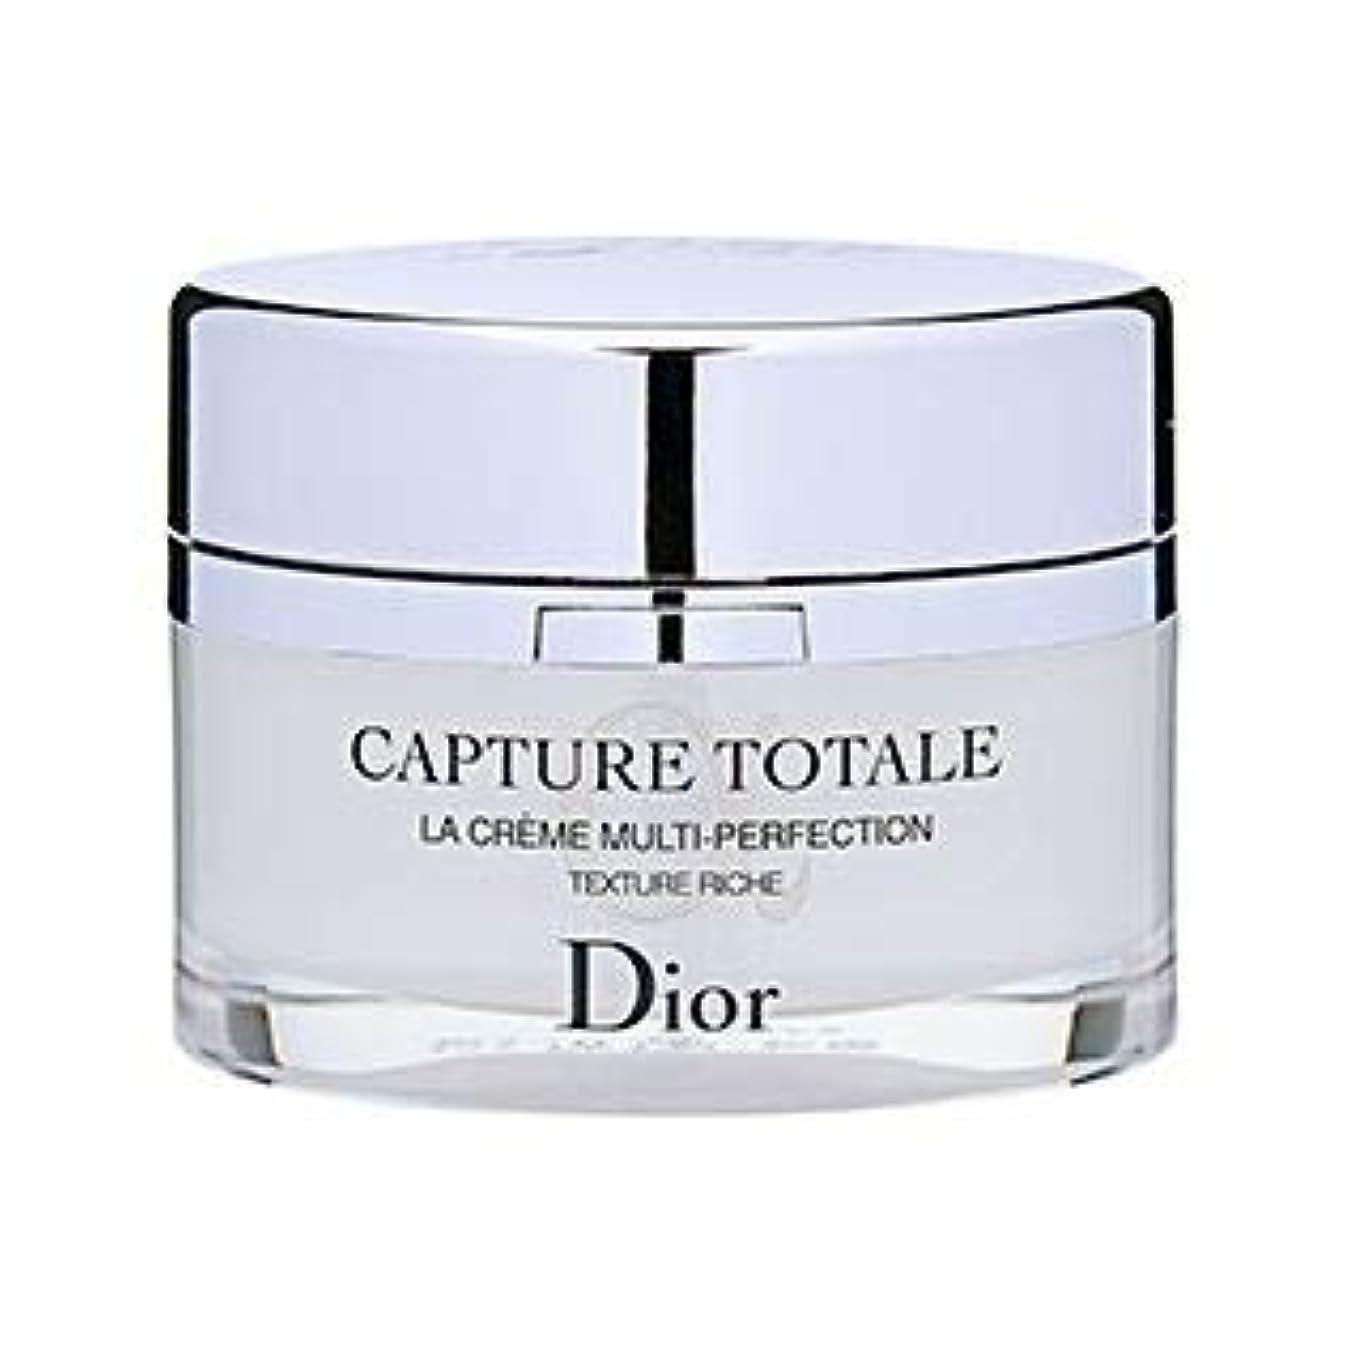 みがきますどういたしましてクアッガディオール(Dior) カプチュール トータル リッチ クリーム [並行輸入品]